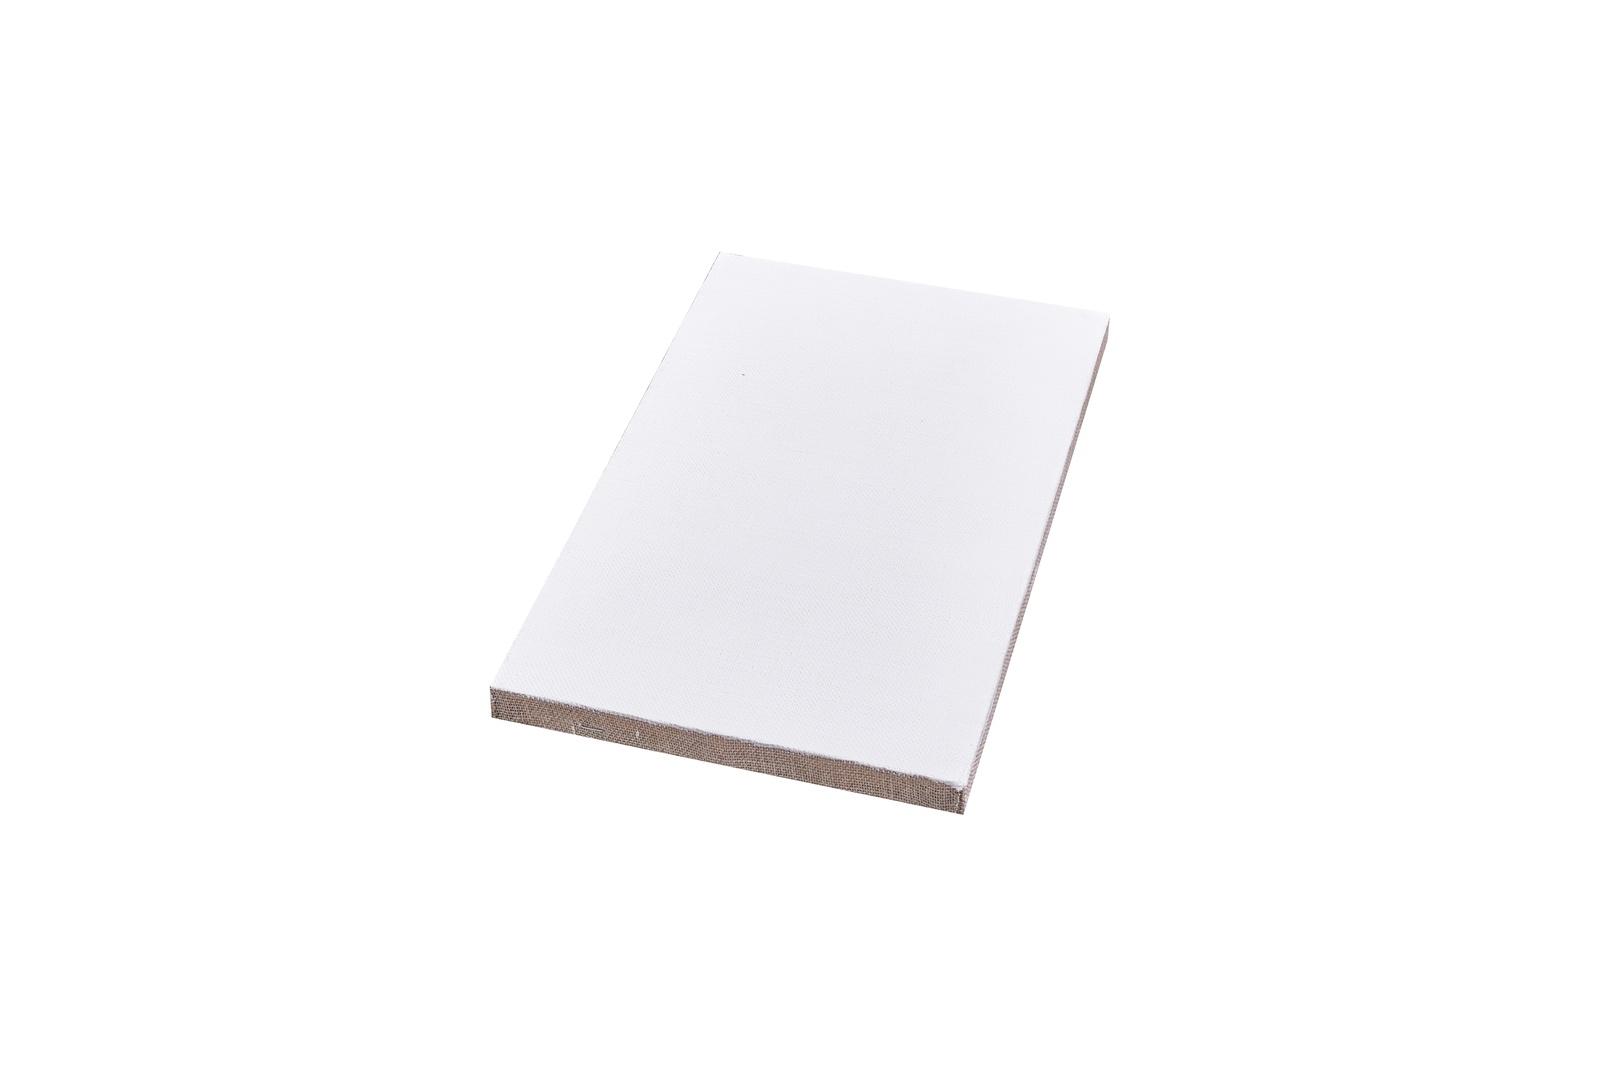 Холст Туюкан ТеатральныйТ0008549Холст на подрамнике среднезернистый Театральный компании «Туюкан» состоит из 100% льна, имеет средневыраженную фактуру и предназначен для масляной и акриловой живописи. Производится холст из льна высокого качества – прочные волокна устойчивы к механическим повреждениям, истиранию и деформациям, отлично выдерживают влажность и перепады температур. Кроме того, льняной холст не склонен к провисанию. Это значит, что спустя годы картина не потрескается, а цвет краски и ее качество останется неизменным. Неслучайно льняной холст считается «благородным» материалом в художественной традиции. Холст Театральный компании «Туюкан» может применяться как для тонкослойной живописи, так и для пастозной. Благодаря среднезернистой фактуре он одинаково хорошо поведет себя и при работе с мастихином, и при лессировке. Именно поэтому холст Театральный – один из самых востребованных среди художников. Холст компании «Туюкан» имеет три слоя проклейки, а также два слоя эмульсионного грунта и полностью готов к работе. А благодаря модульному подрамнику любые искривления холста легко корректируются с помощью клиньев. Дополнительные характеристики: - плотность: 245г/м2; - фактура: редкое переплетение; - размер: 90х110 см; - подрамник: сборный.